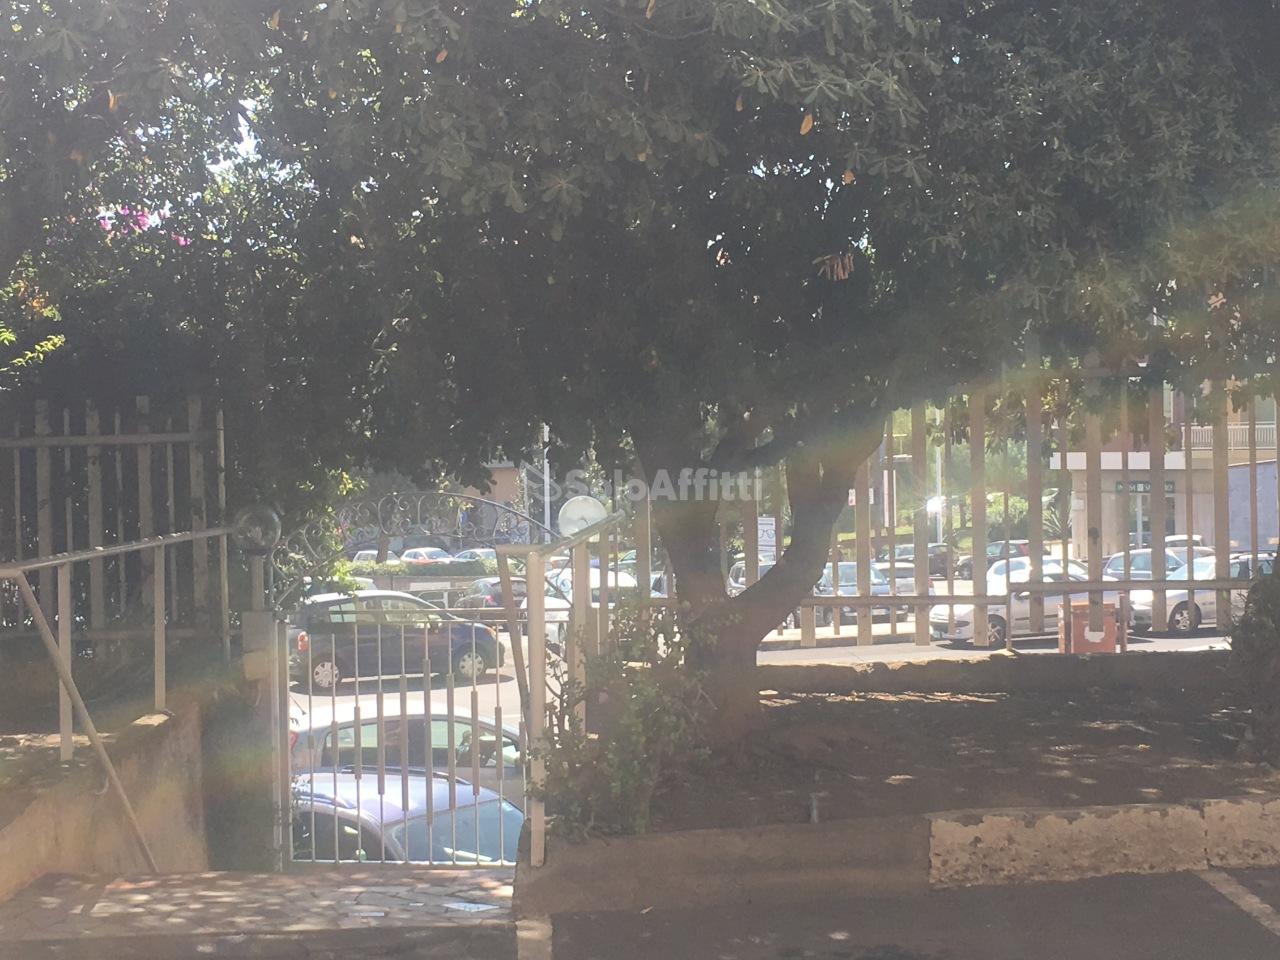 catania affitto quart: piazza lincoln, vulcania gri.vir.-immobiliare-di-grimaldi-carmine